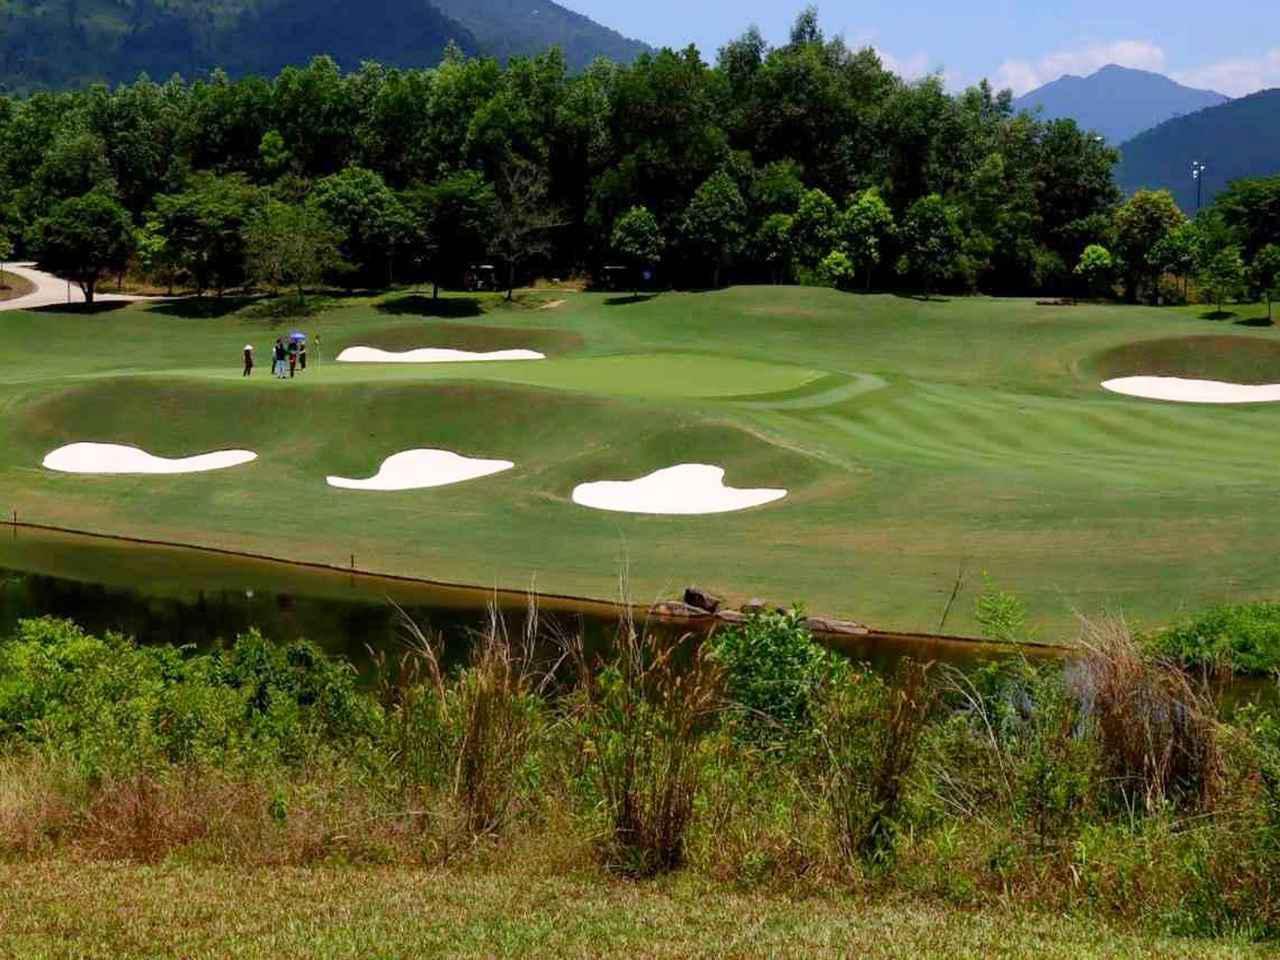 画像: バーナーヒルズ ゴルフクラブ 5番のグリーン周り